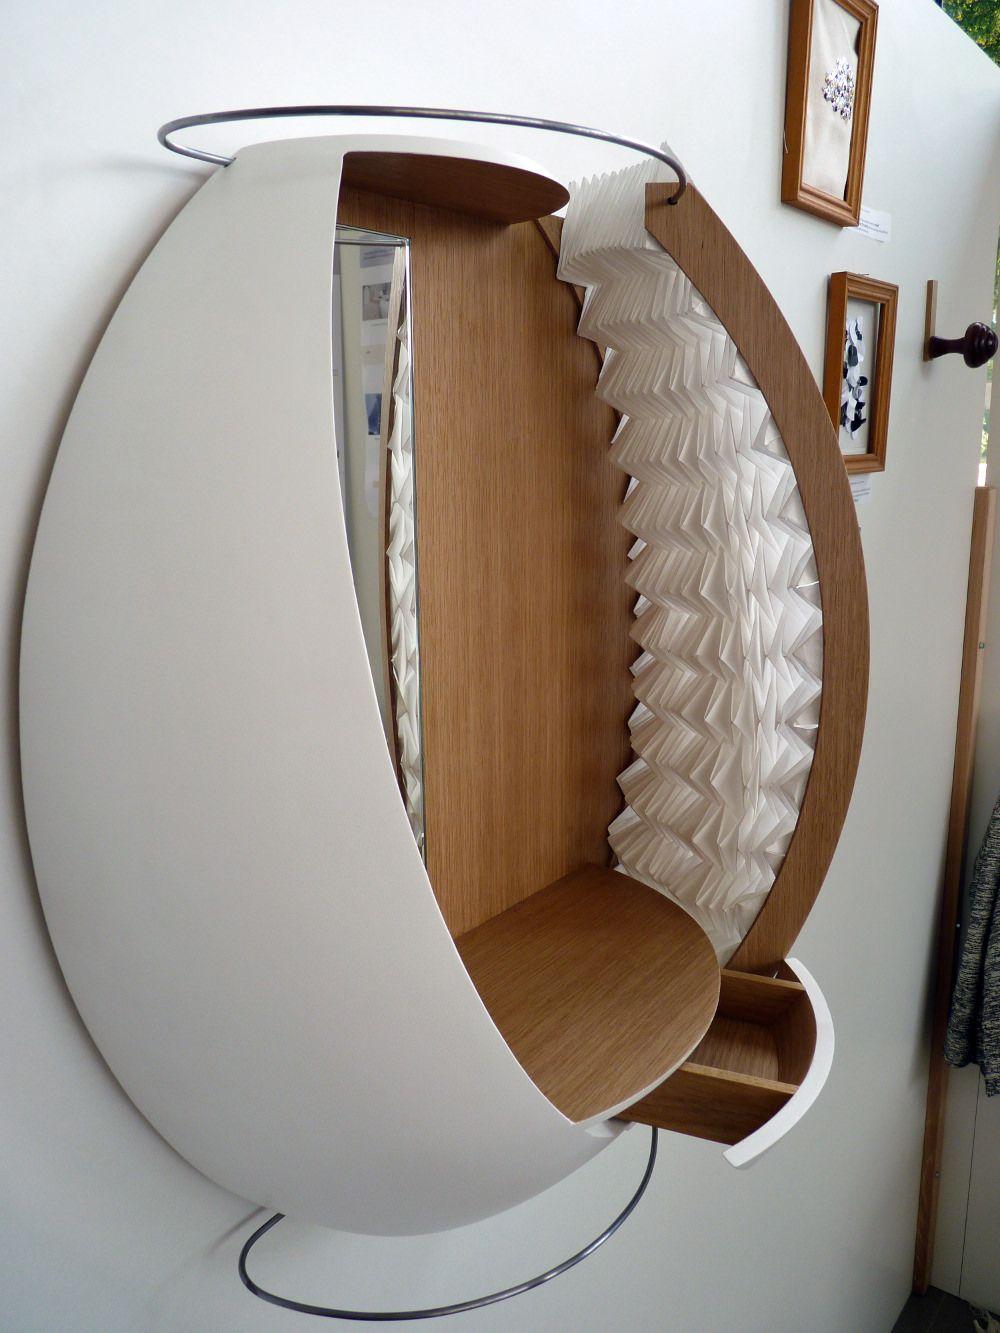 projet tudiant firmament console d entr e marion fraudeau. Black Bedroom Furniture Sets. Home Design Ideas